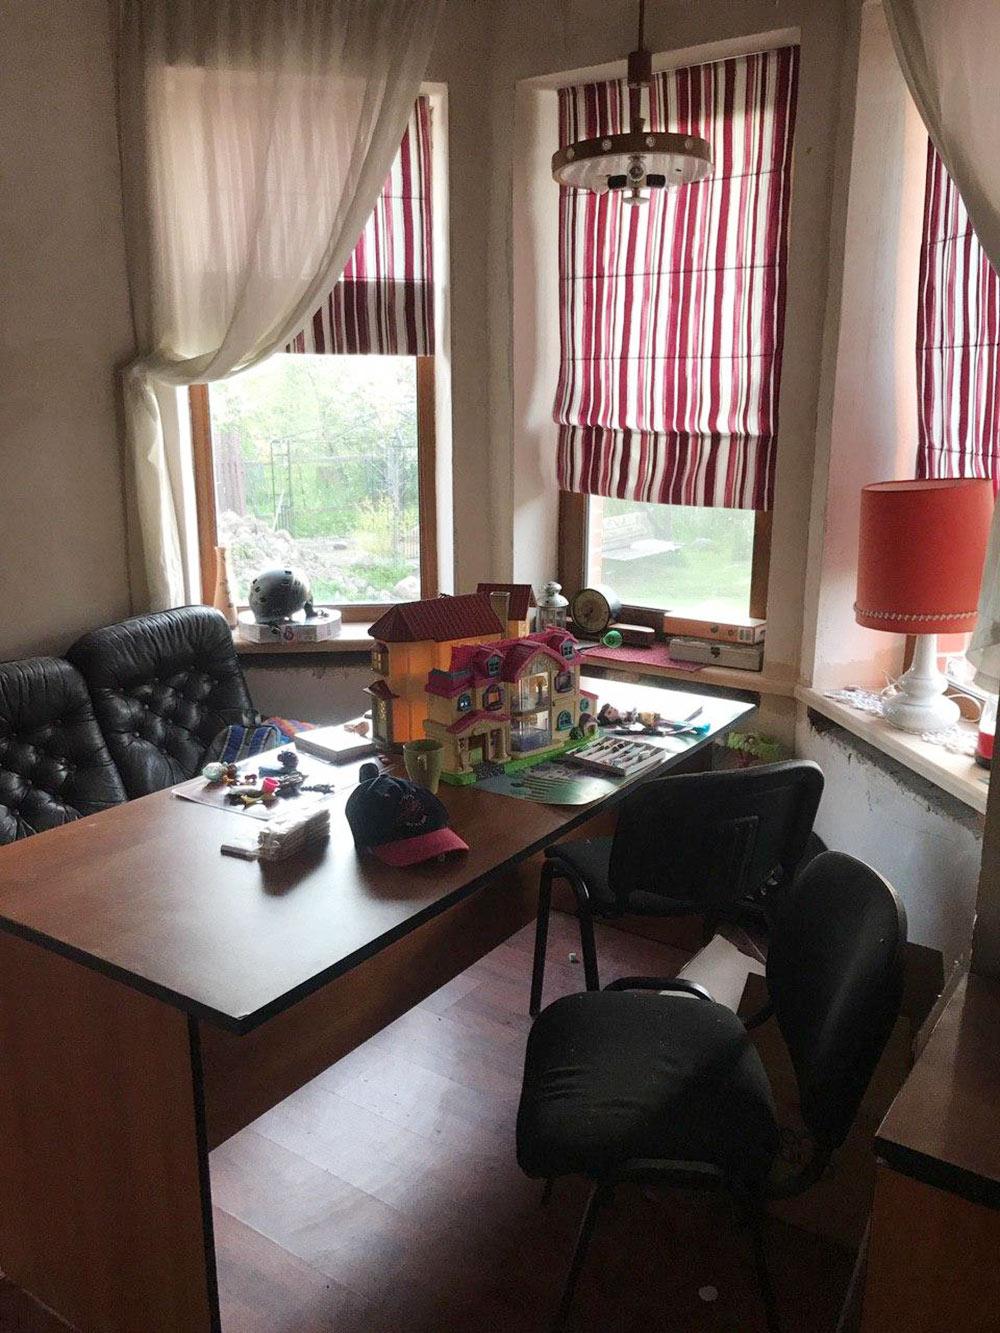 Типичный внутренний вид: в доме много офисных столов и стульев с предприятия отца, часть мебели привезена после большого ремонта городской квартиры, что-то куплено специально. Кухонный стол на самом деле офисный, но едим все равно на веранде